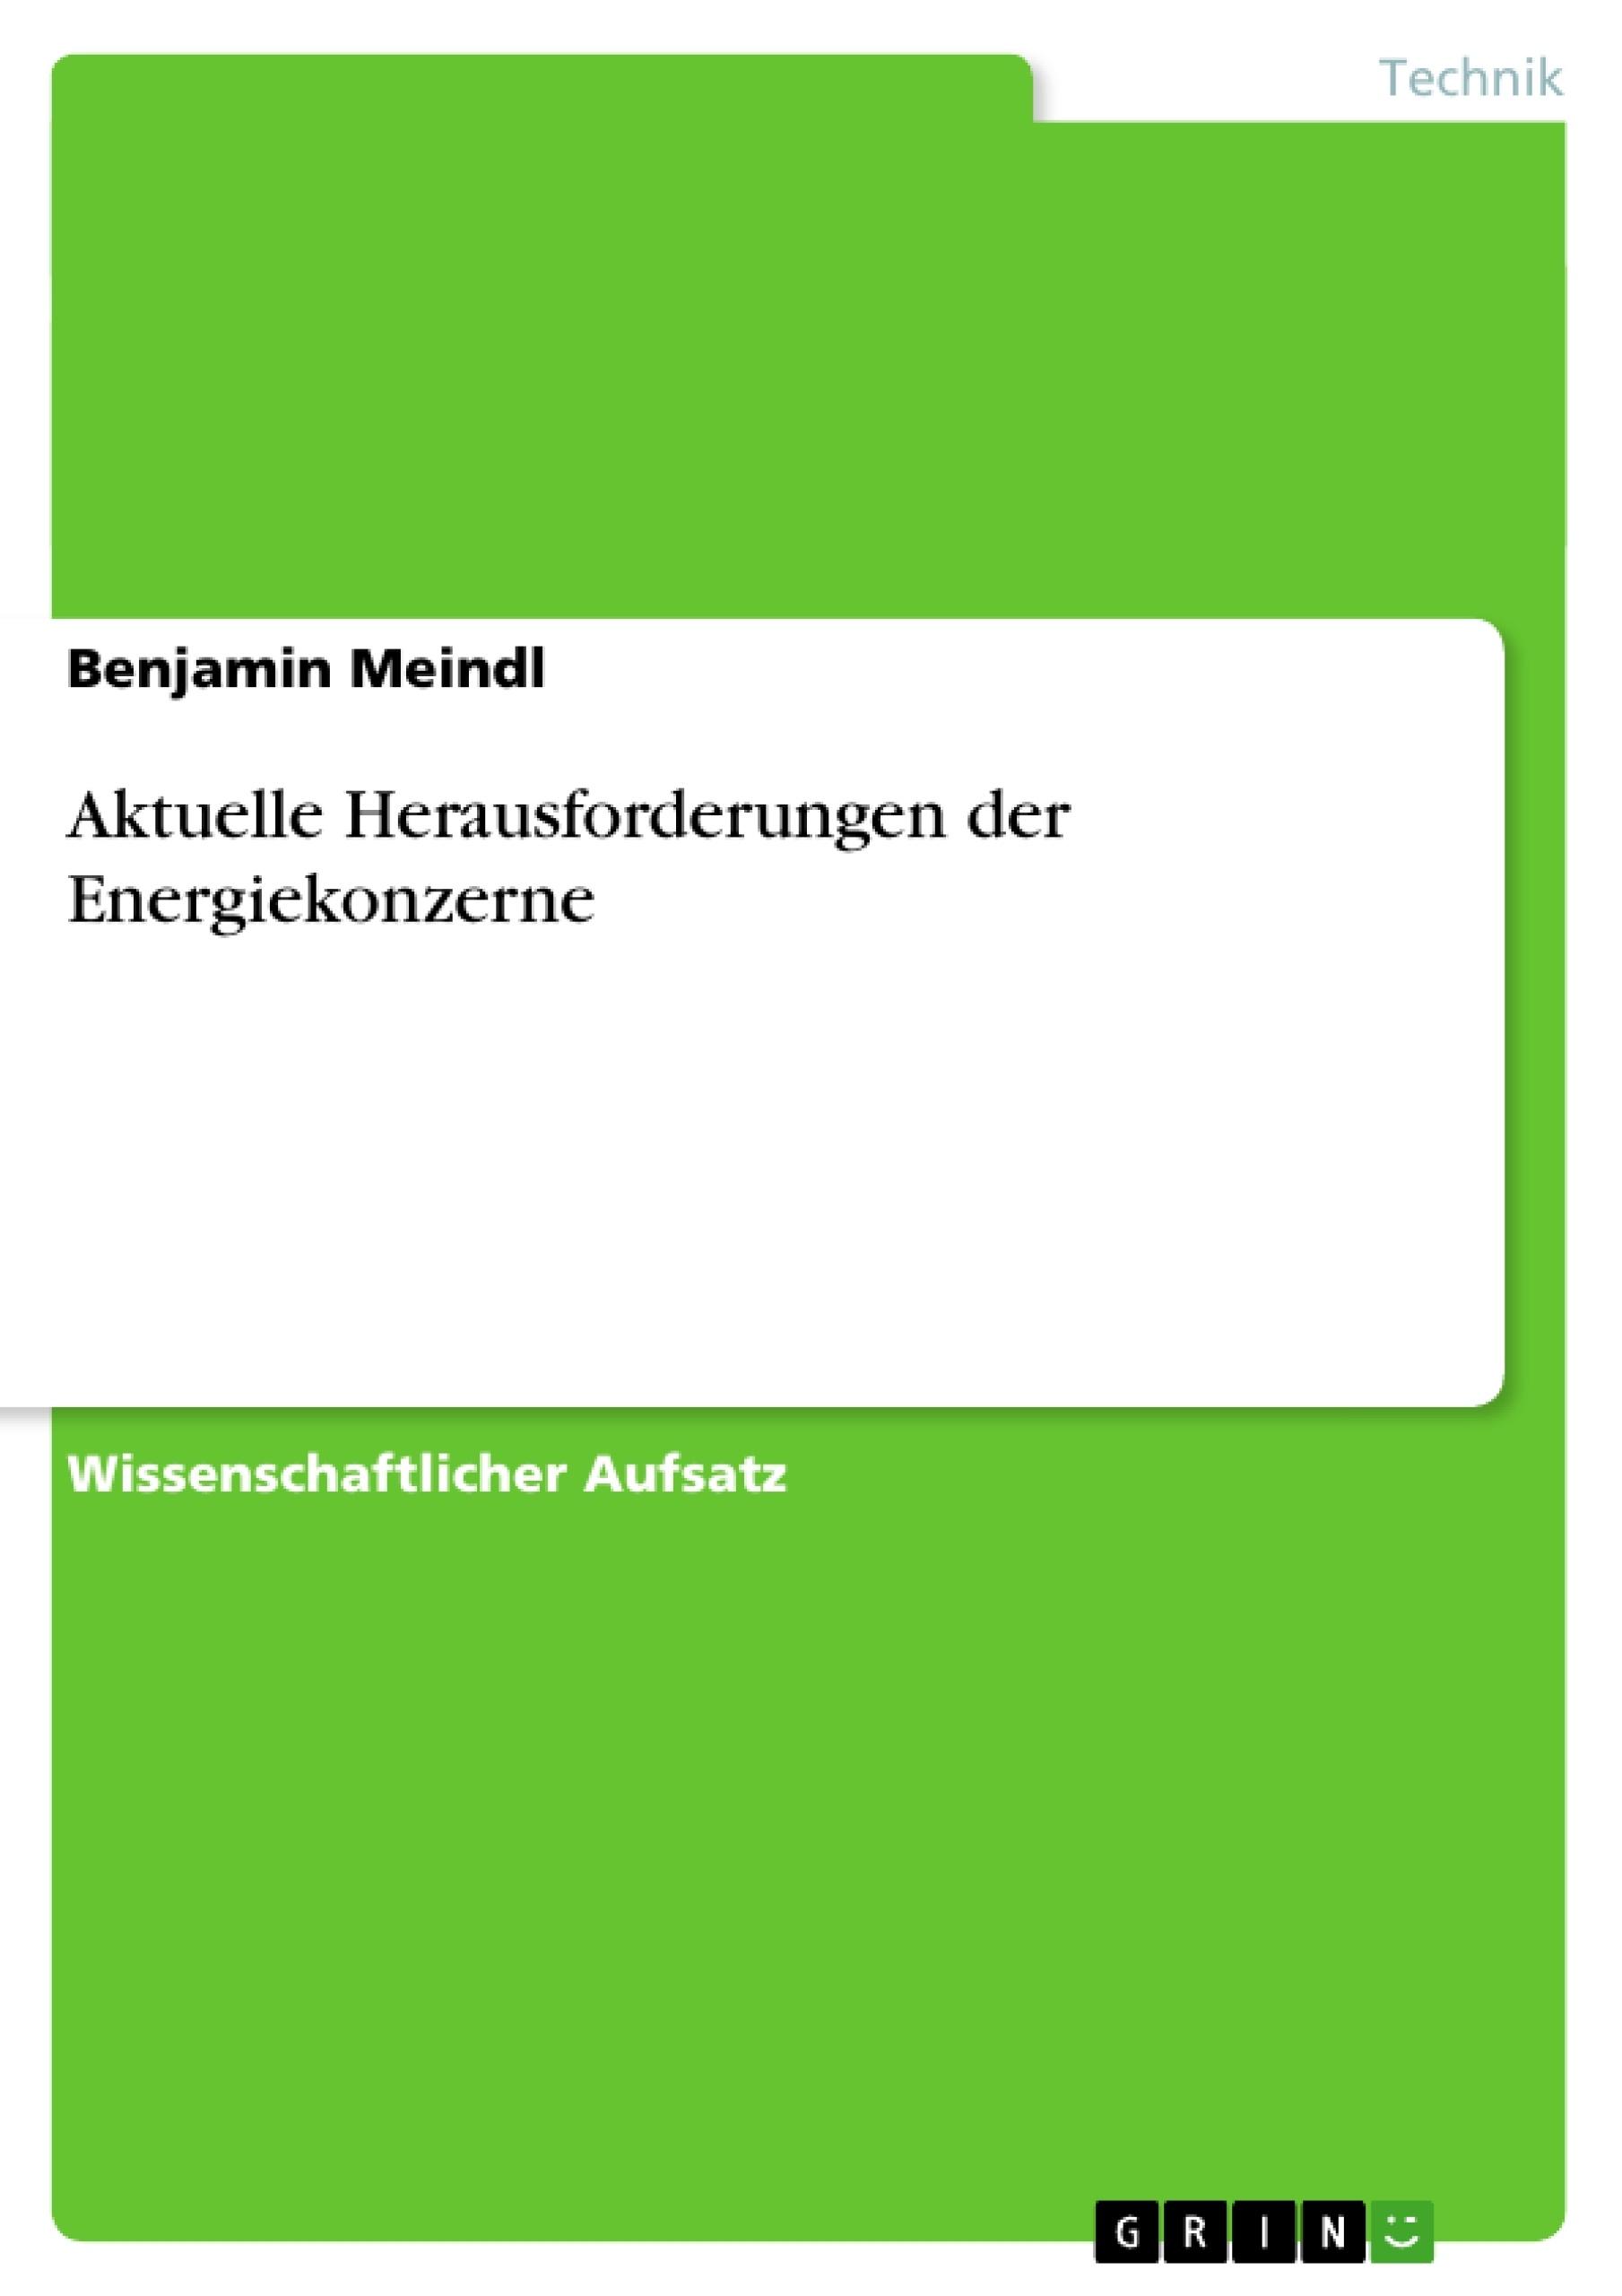 Titel: Aktuelle Herausforderungen der Energiekonzerne